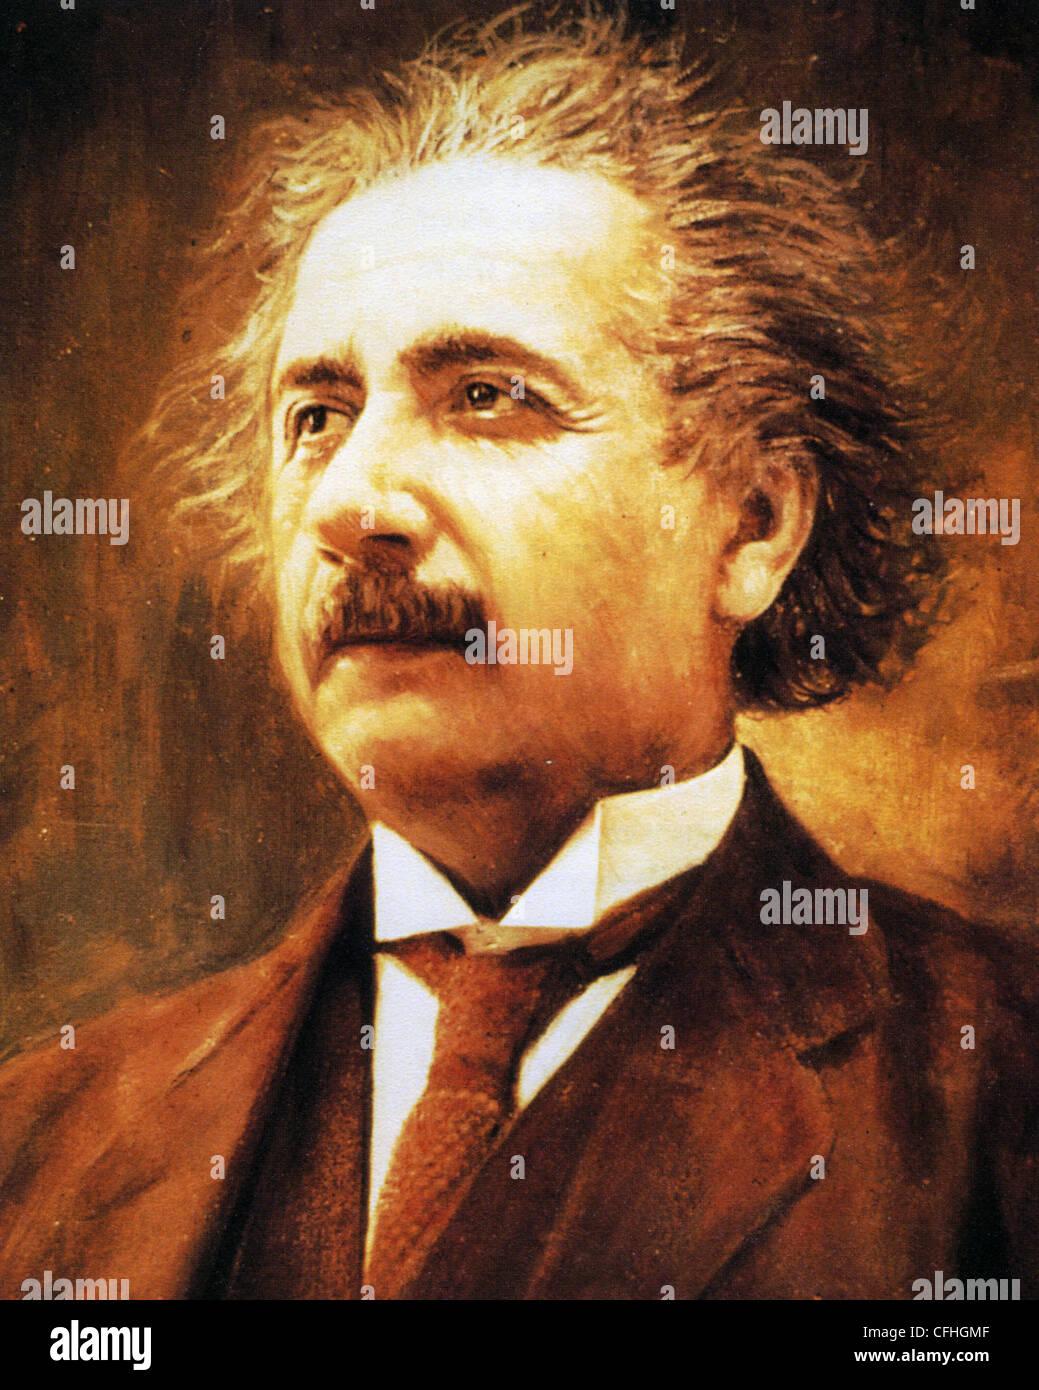 ALBERT Einstein (1879-1955) físico teórico nacido en Alemania Imagen De Stock